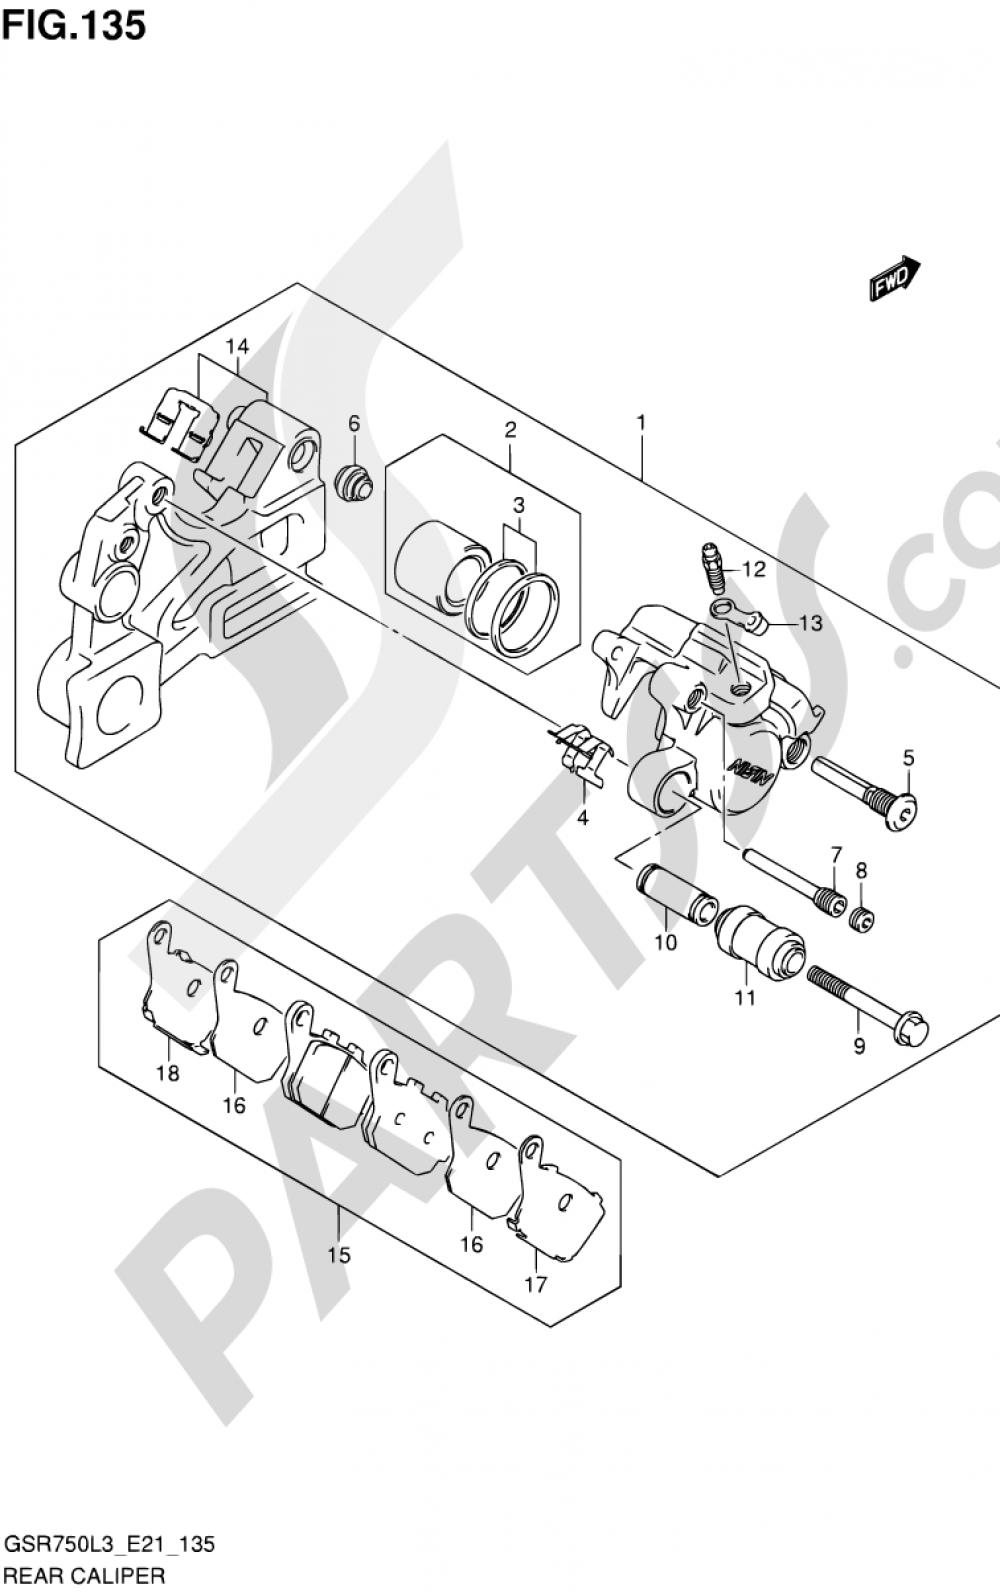 135 - REAR CALIPER (GSR750AL3 E21) Suzuki GSR750A 2013